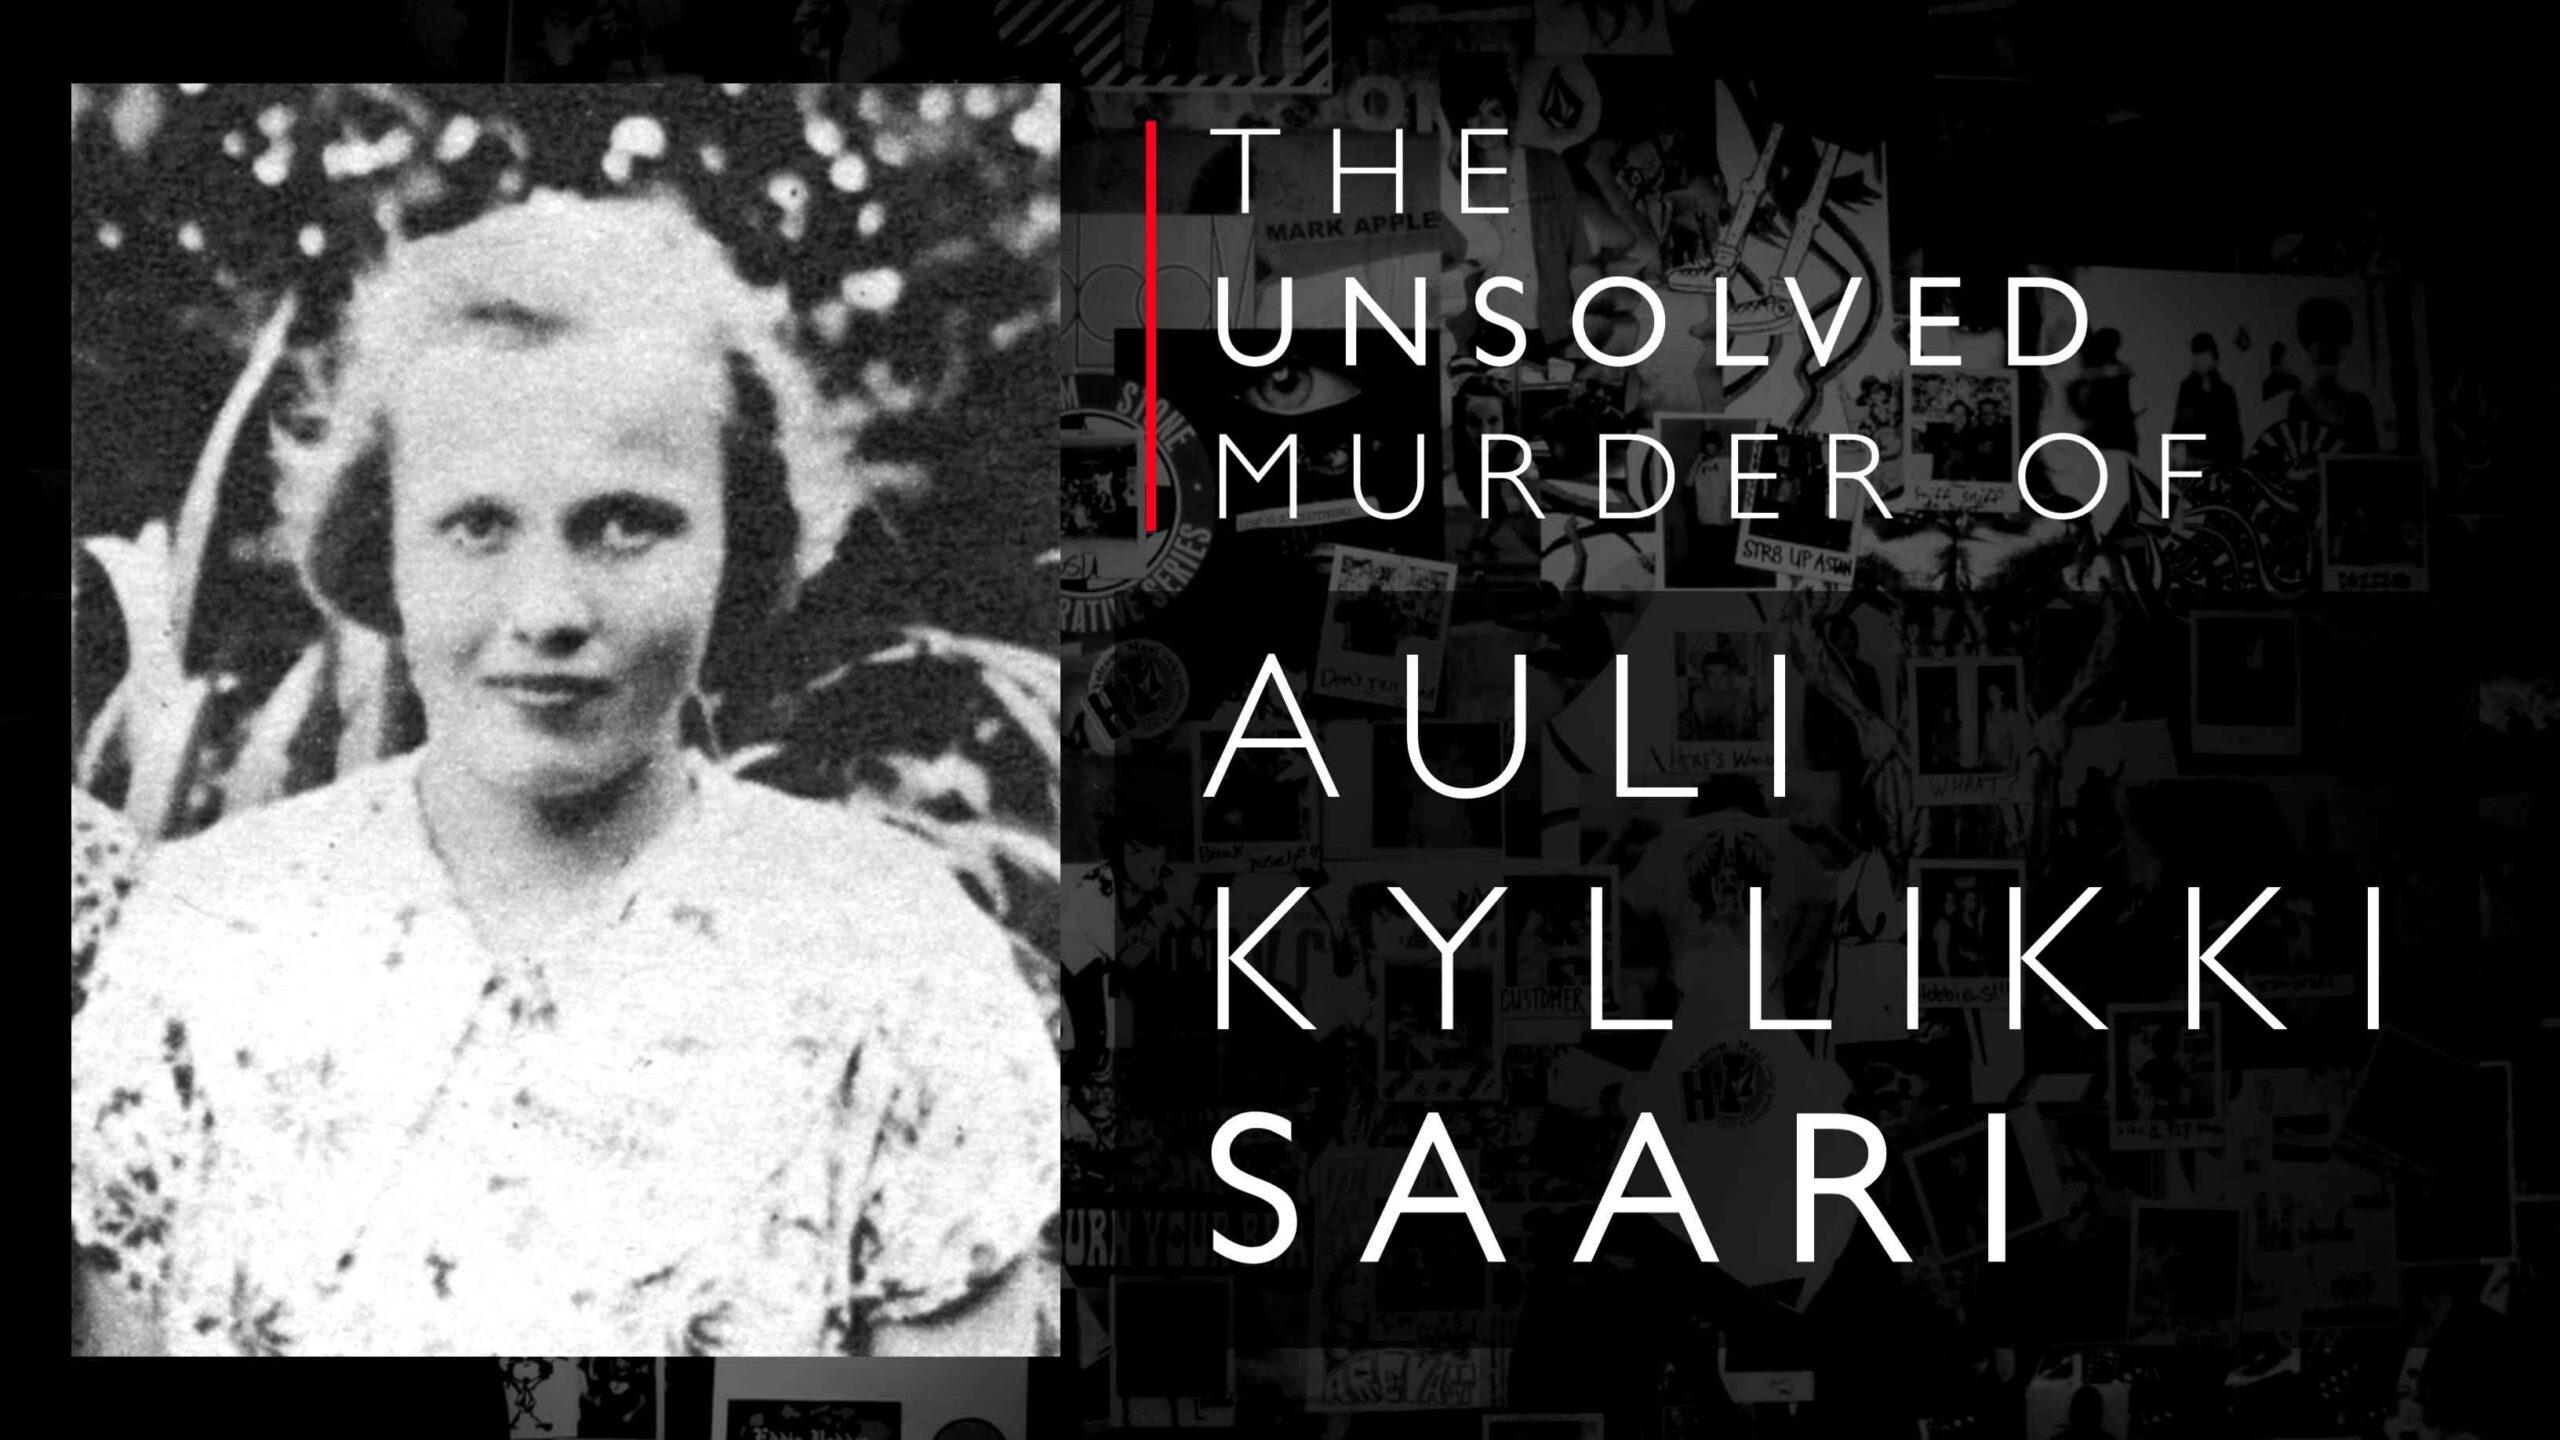 The unsolved murder of Auli Kyllikki Saari 4